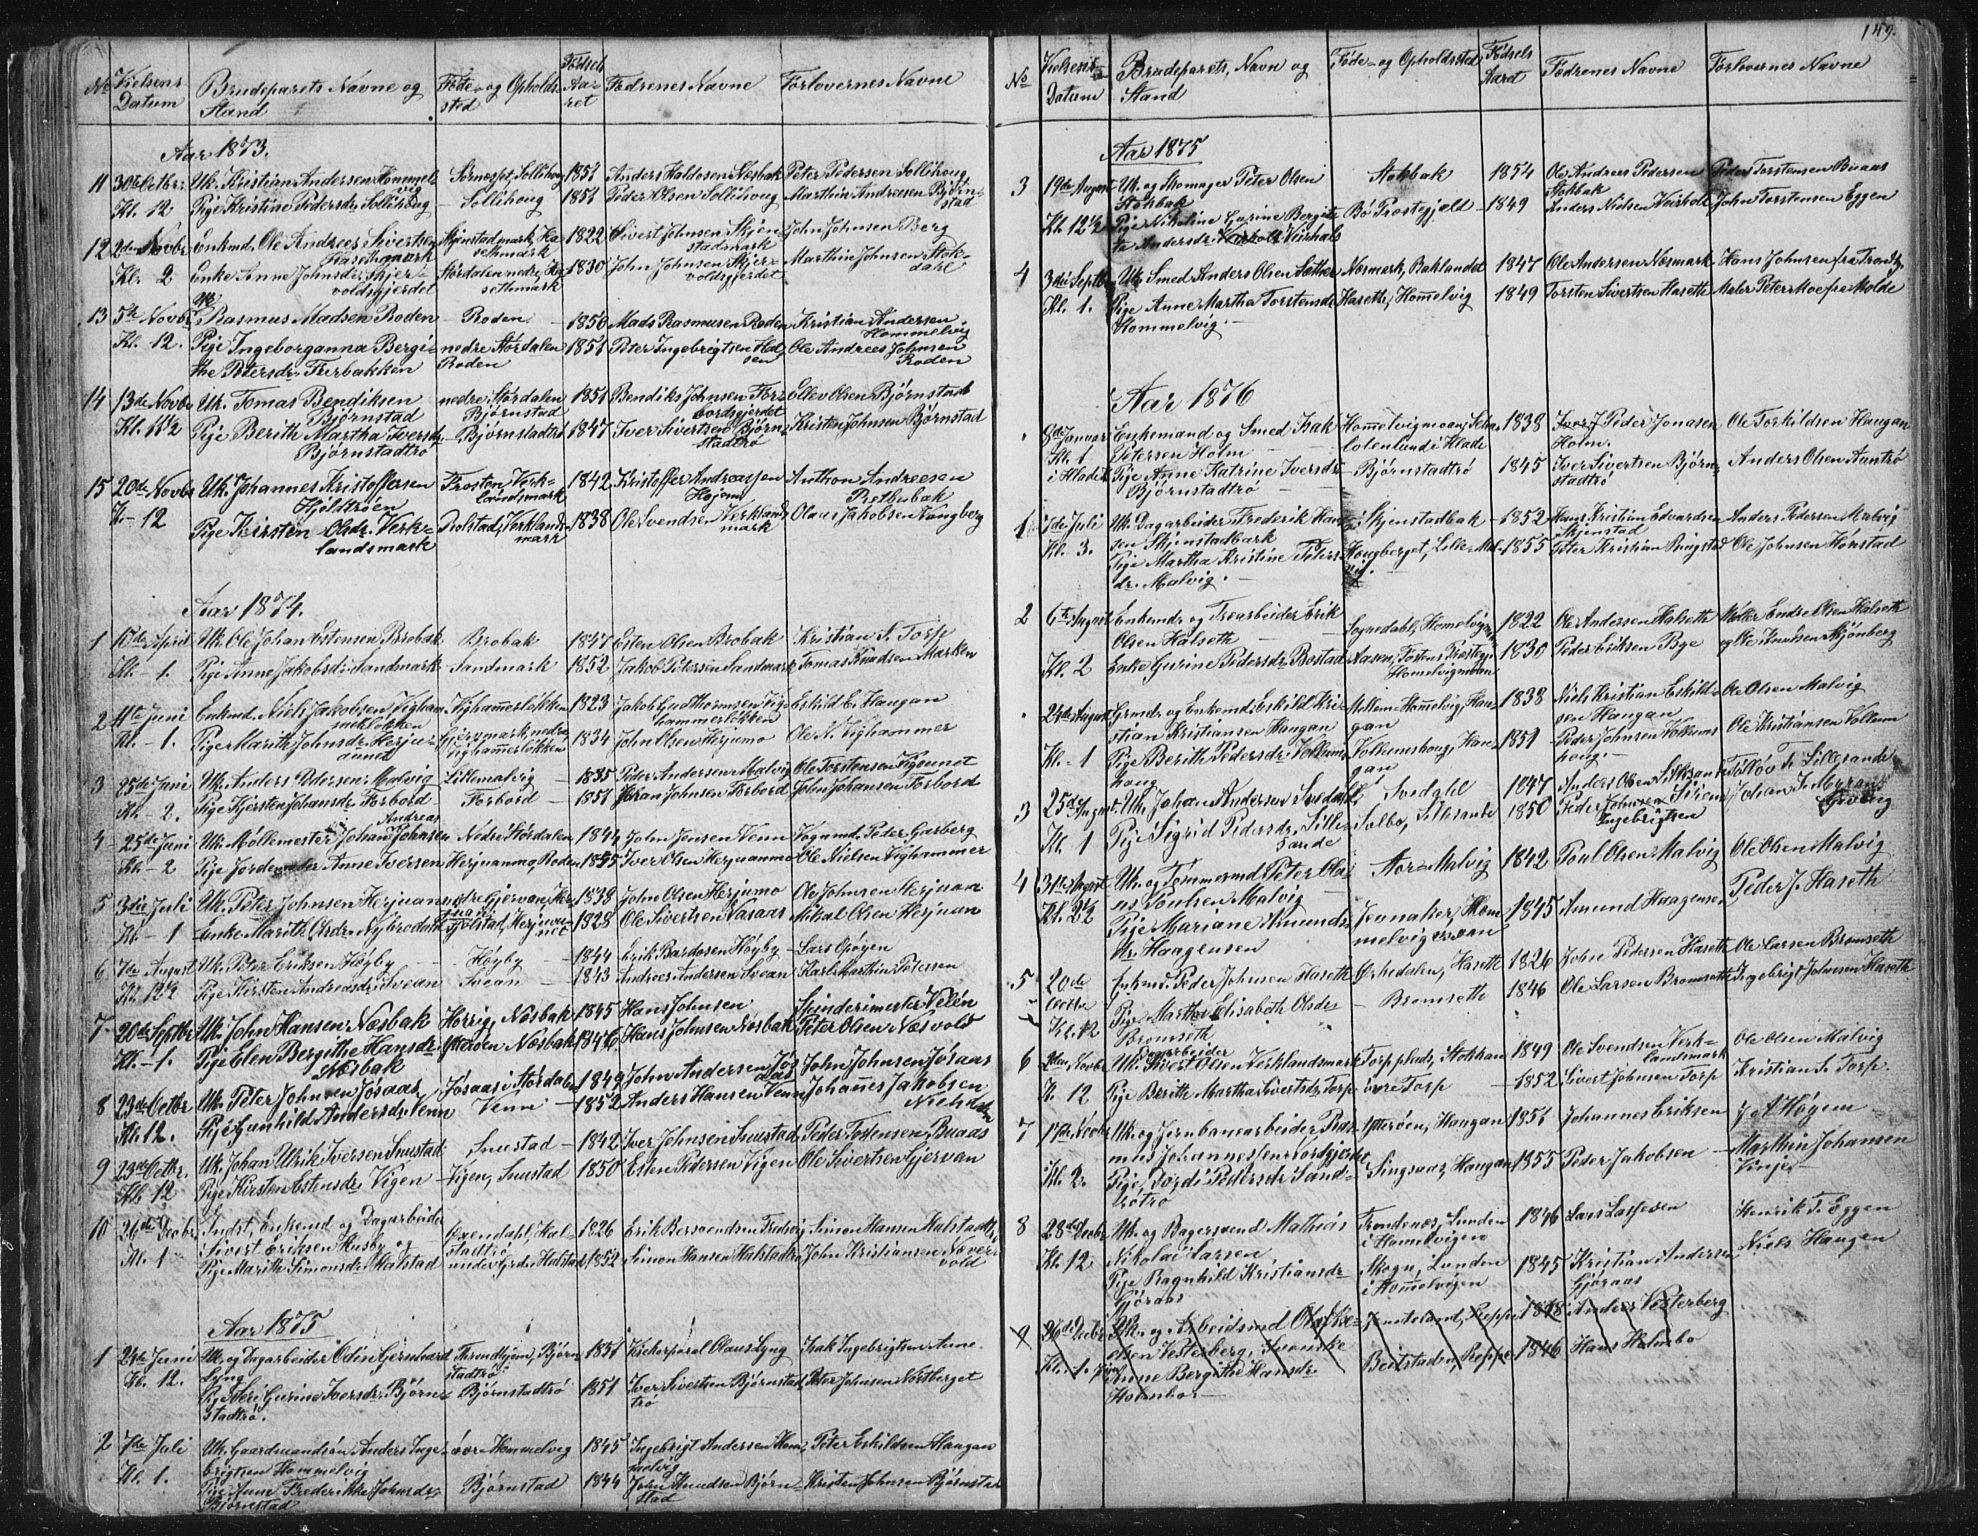 SAT, Ministerialprotokoller, klokkerbøker og fødselsregistre - Sør-Trøndelag, 616/L0406: Ministerialbok nr. 616A03, 1843-1879, s. 149